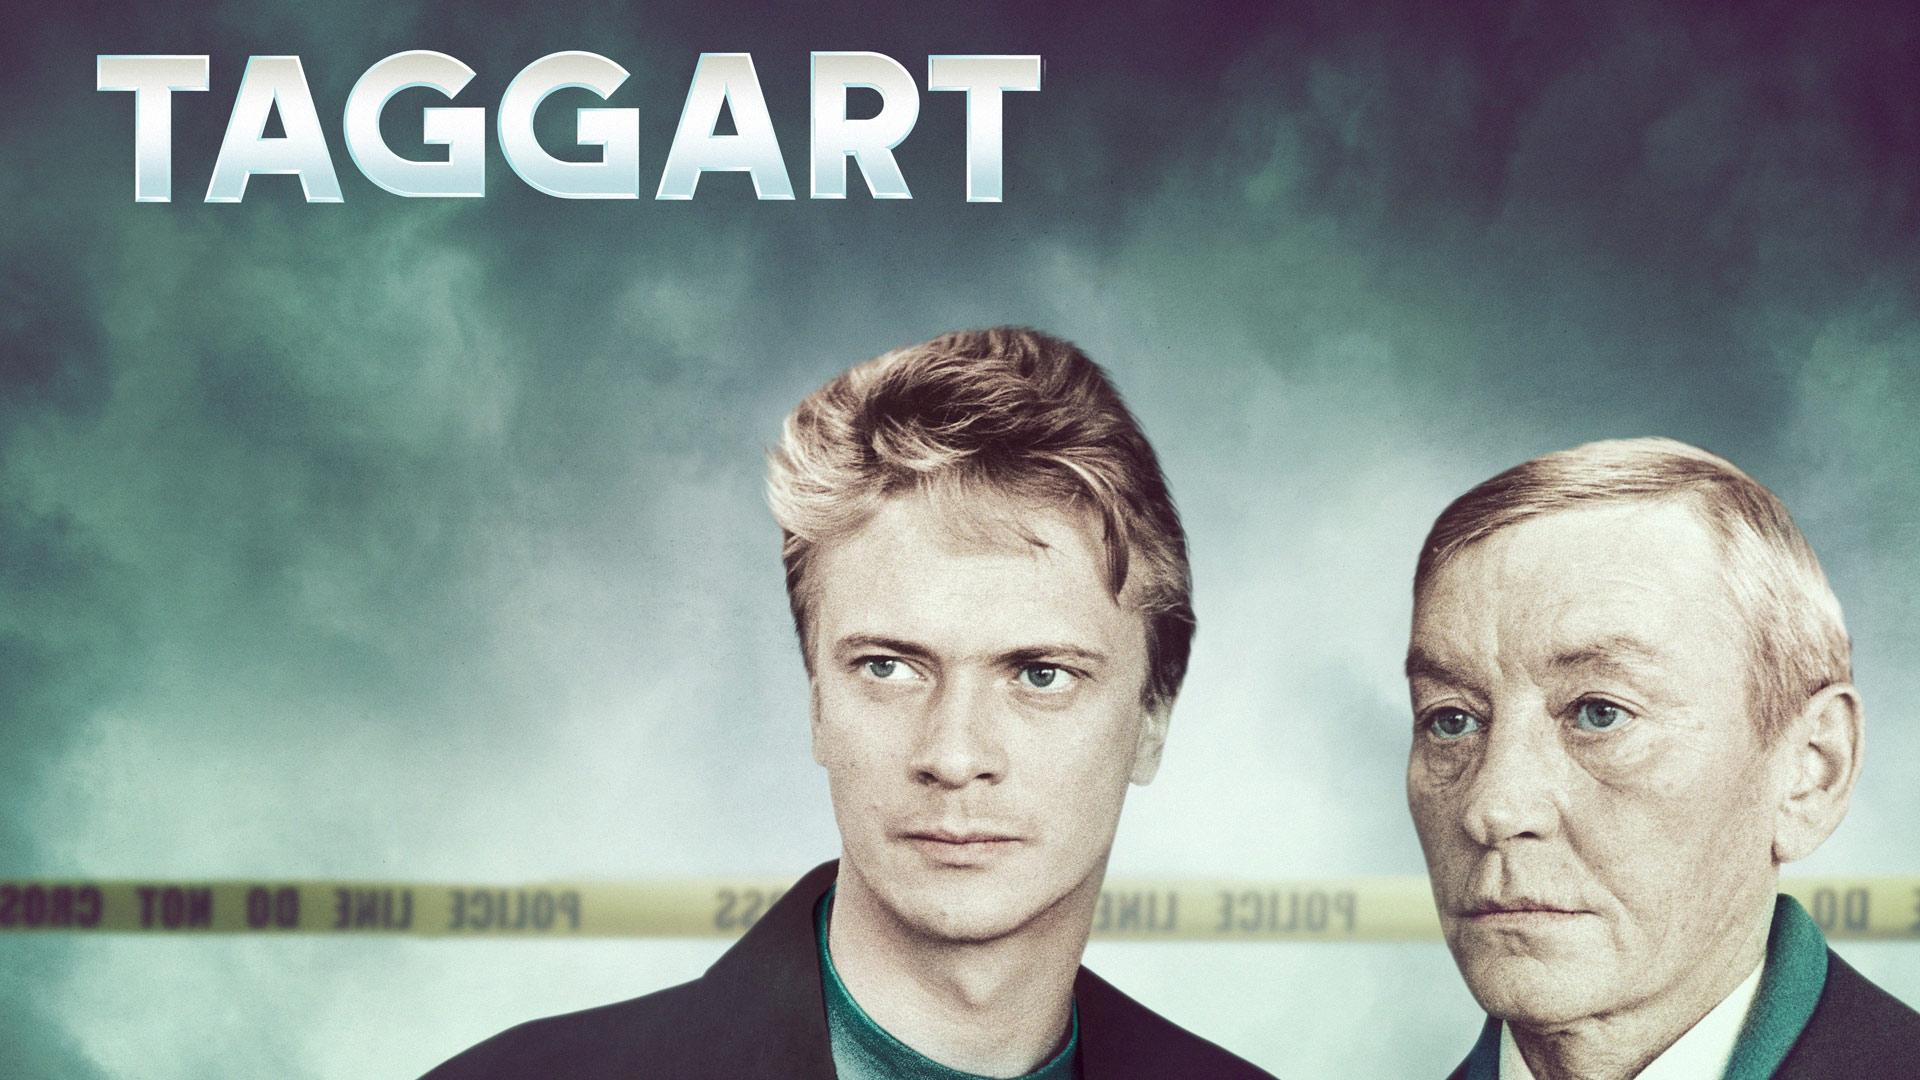 Taggart, Season 1